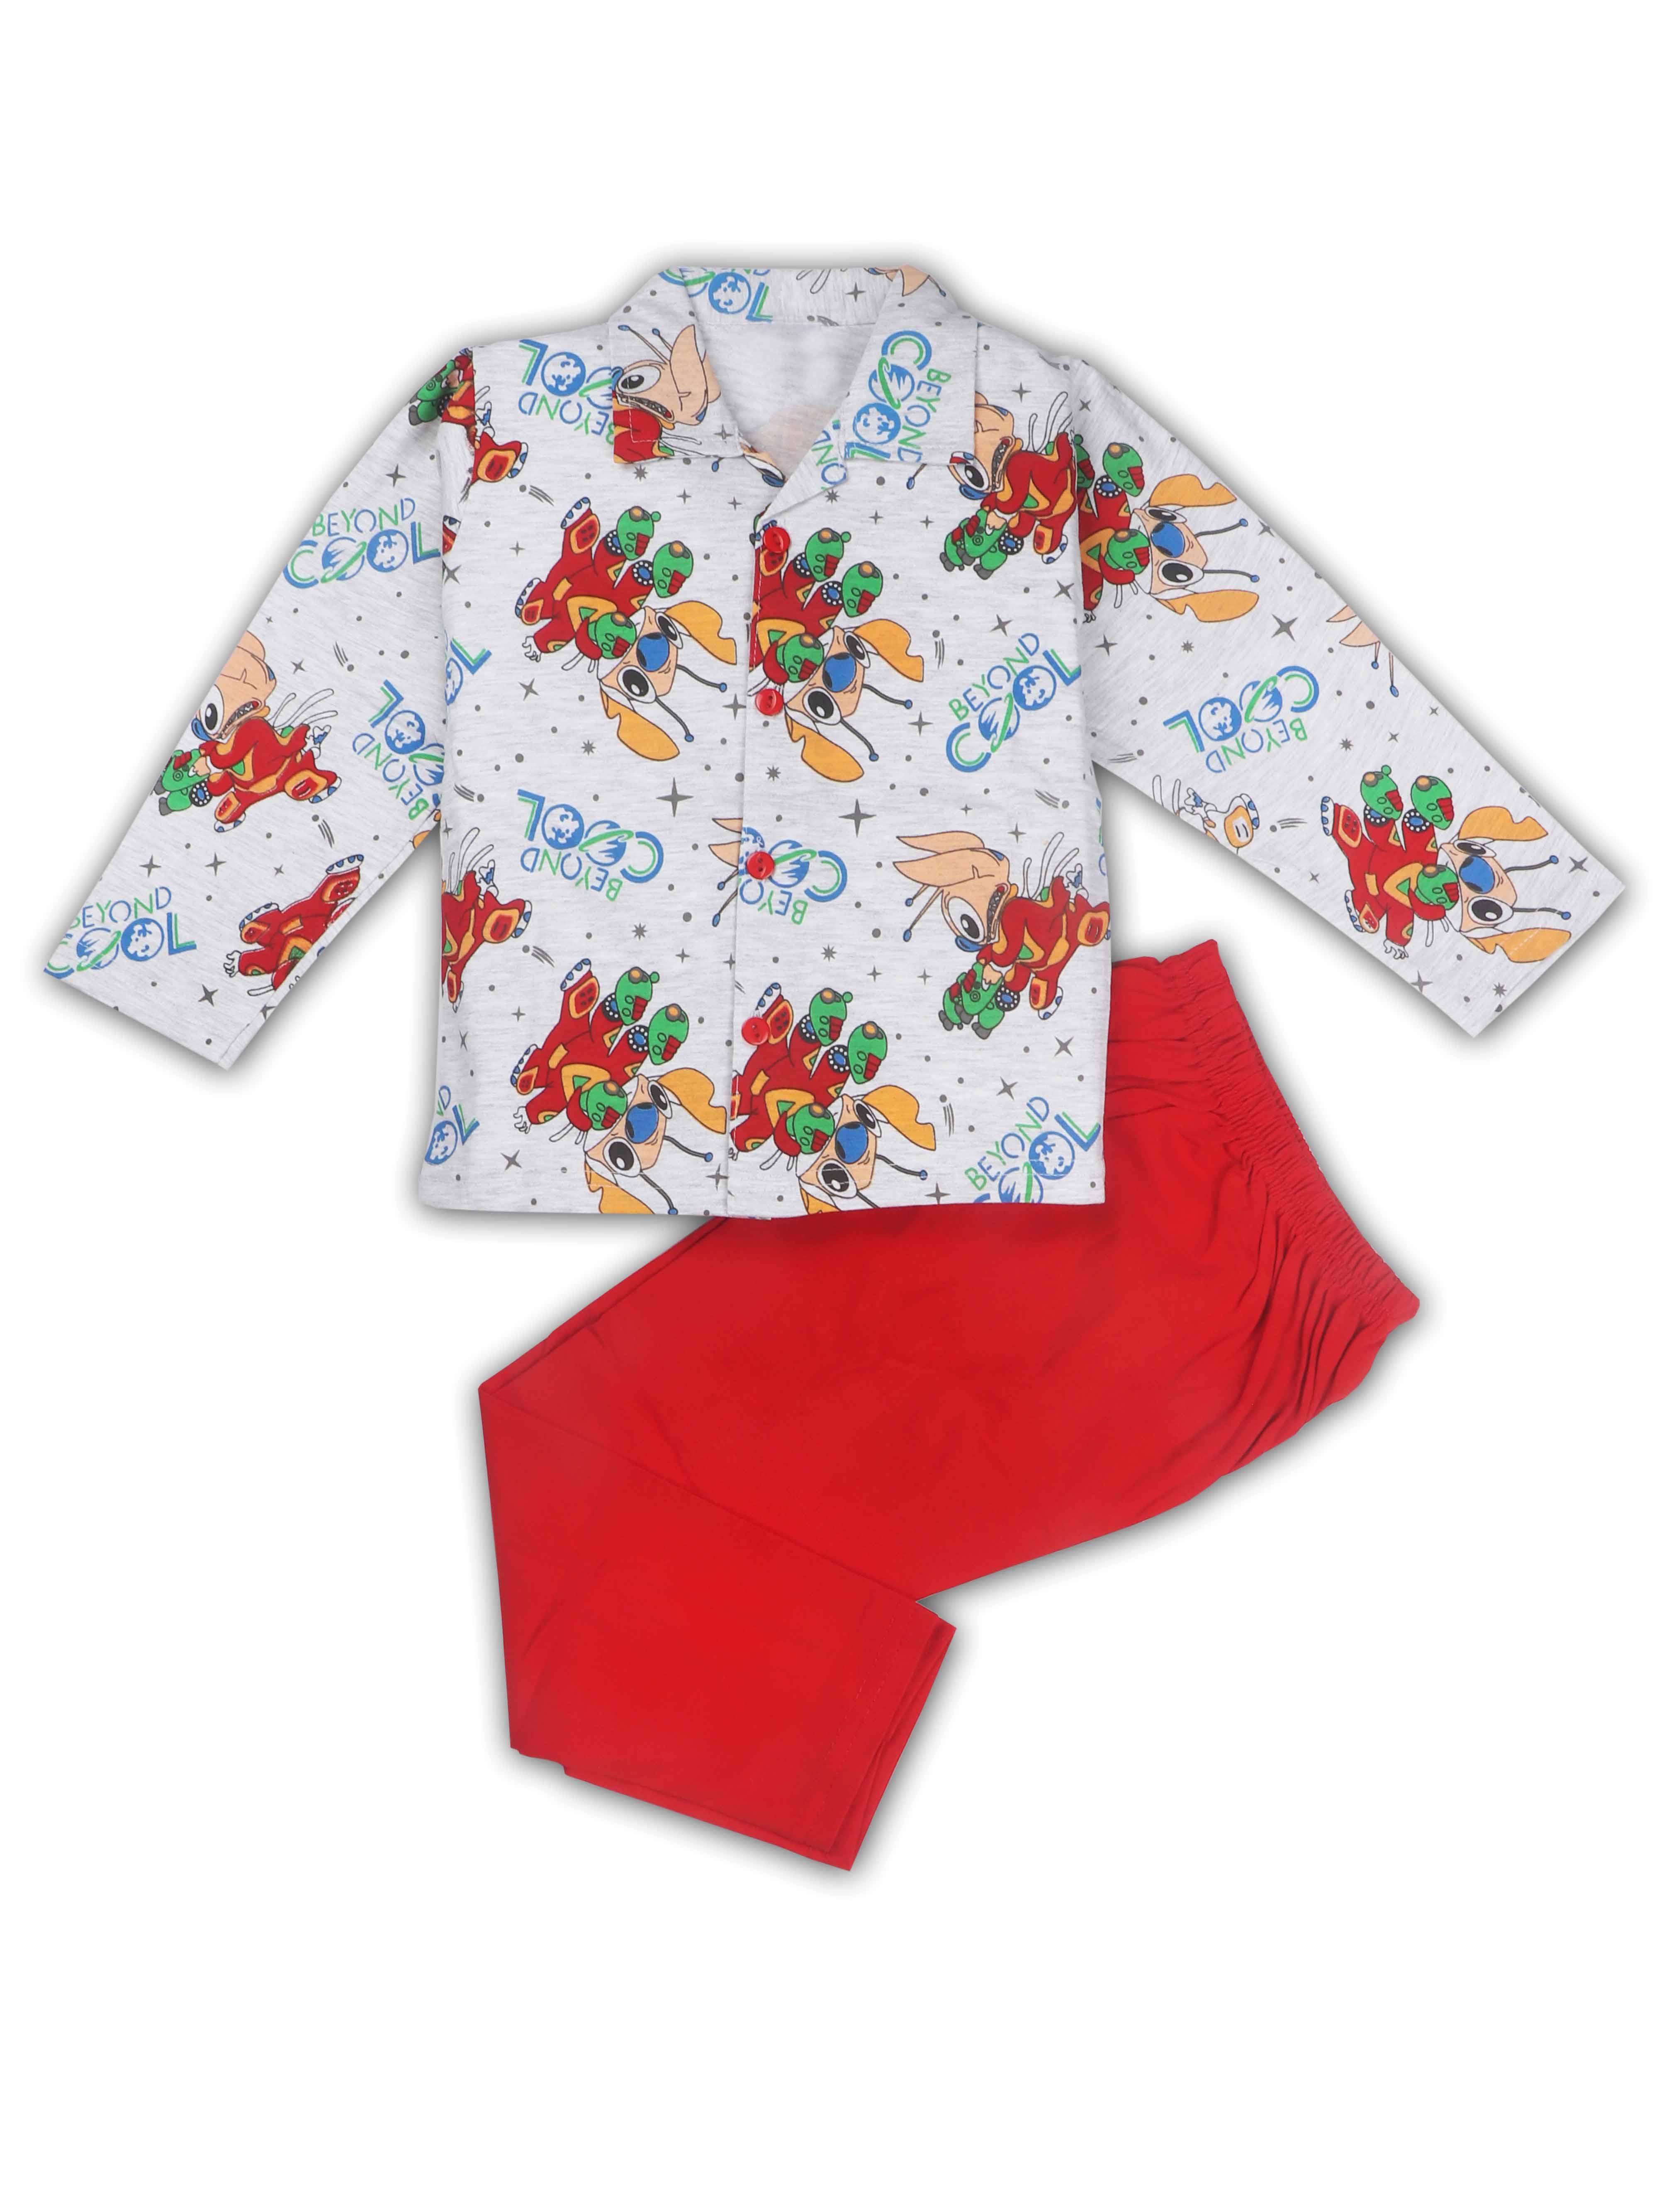 AAAKAR | AAAKAR Full Sleeves Night Suit All Over Print - Red